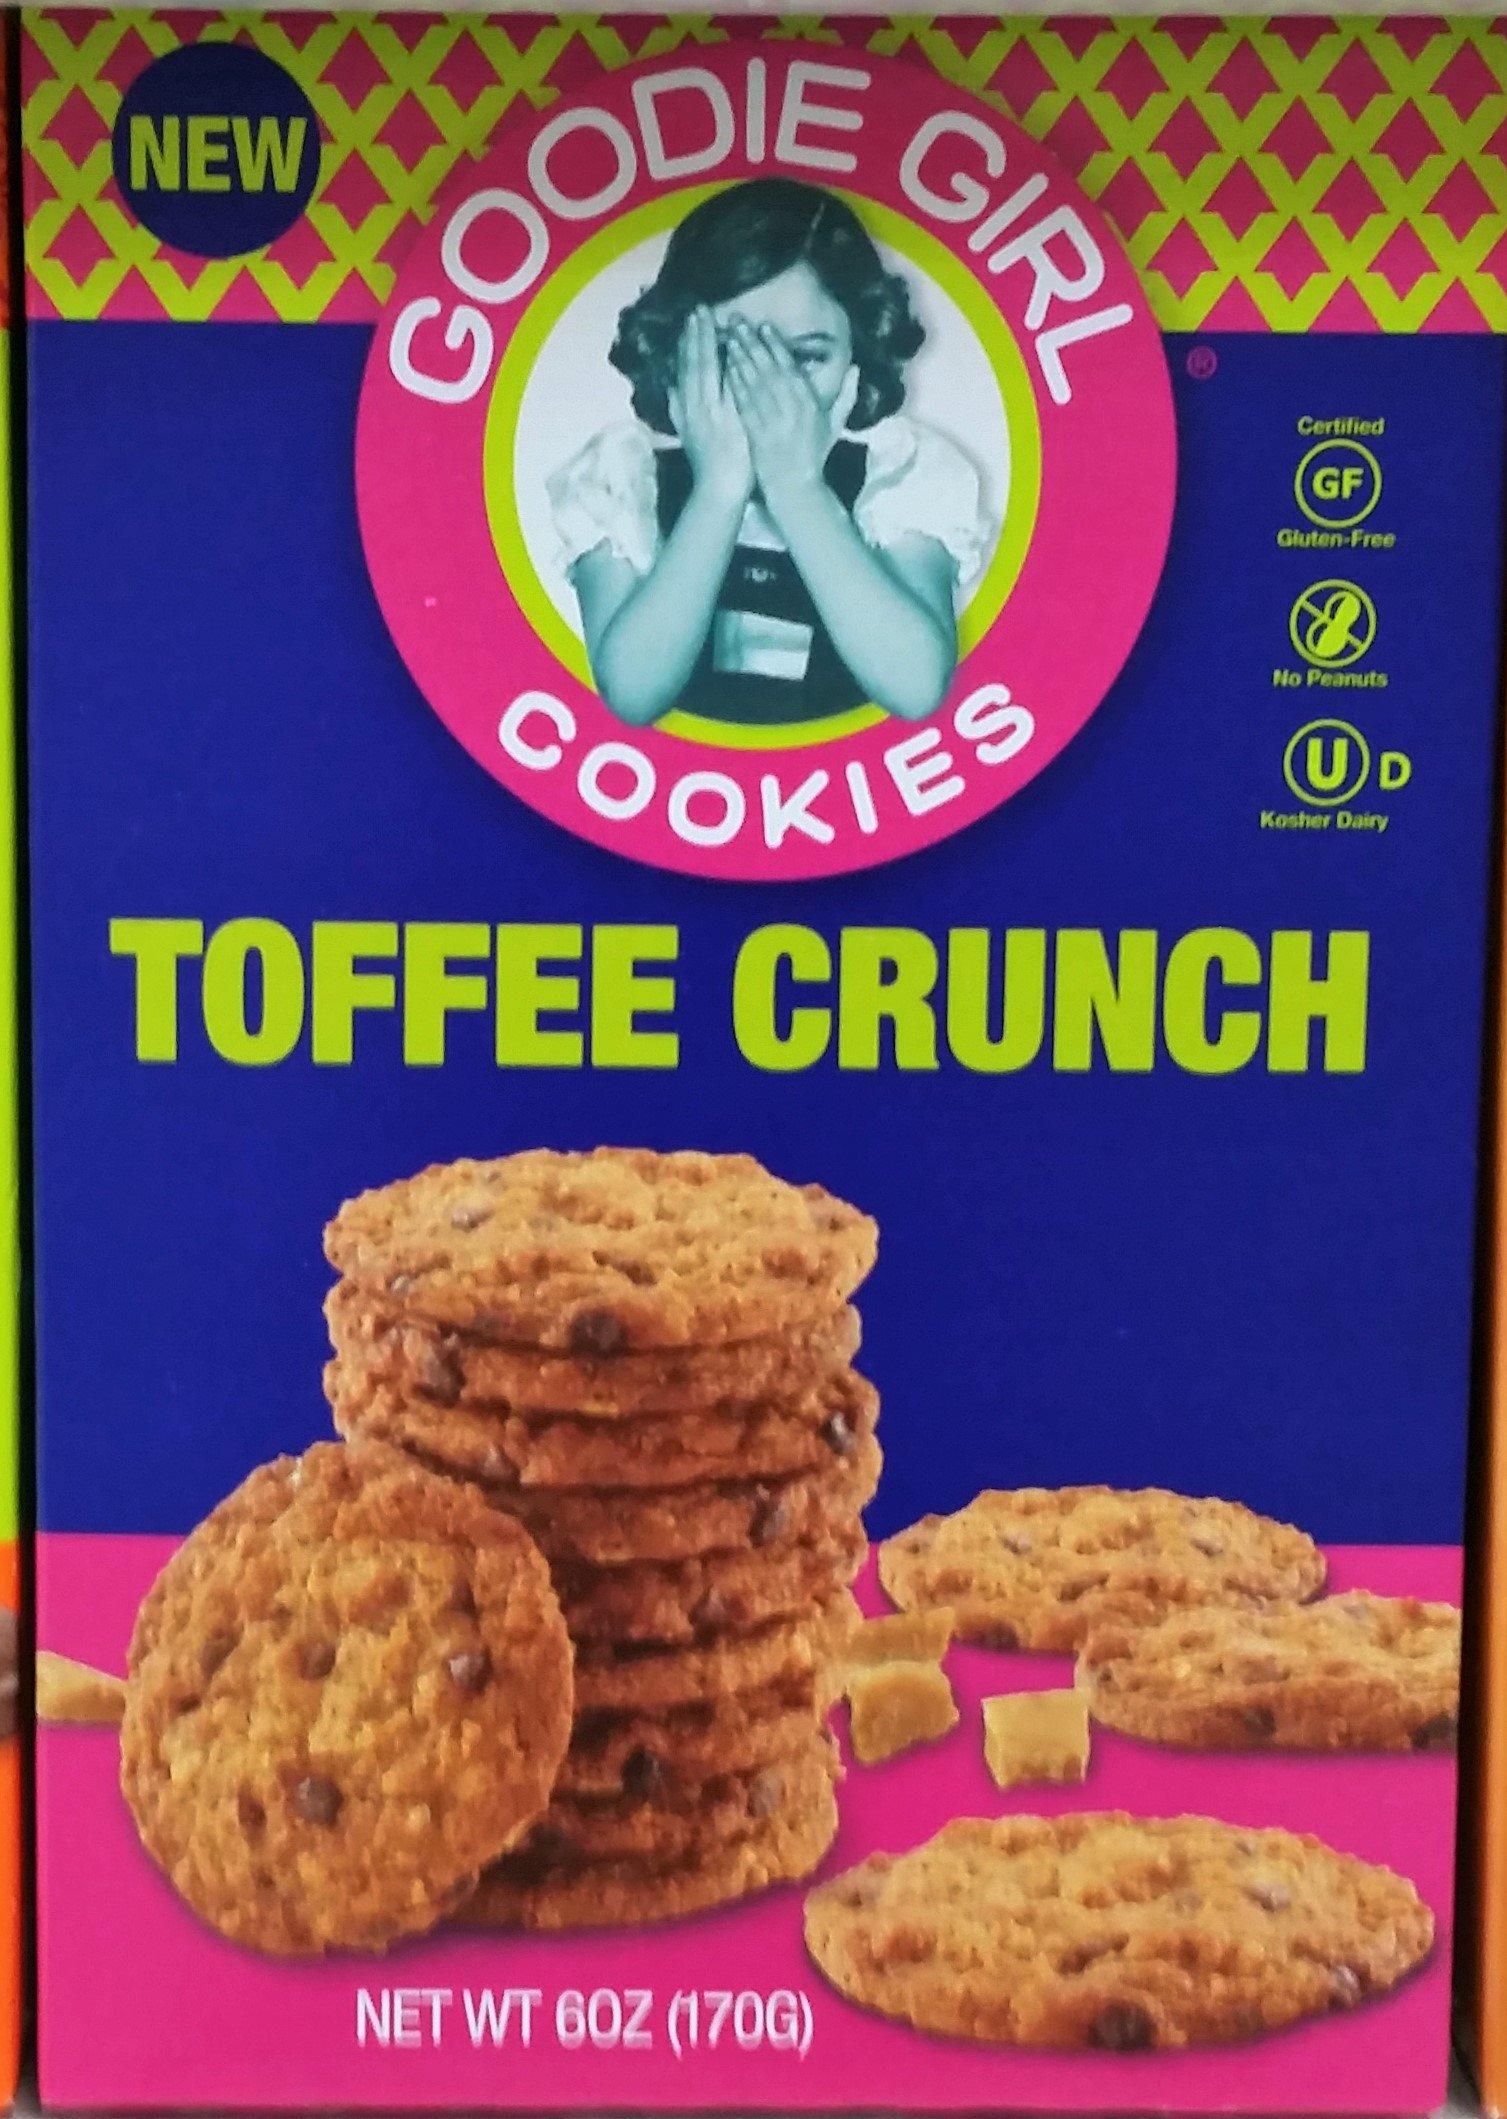 Goodie Girl Toffee Crunch Gluten Free Cookies 6 oz (Pack of 4)